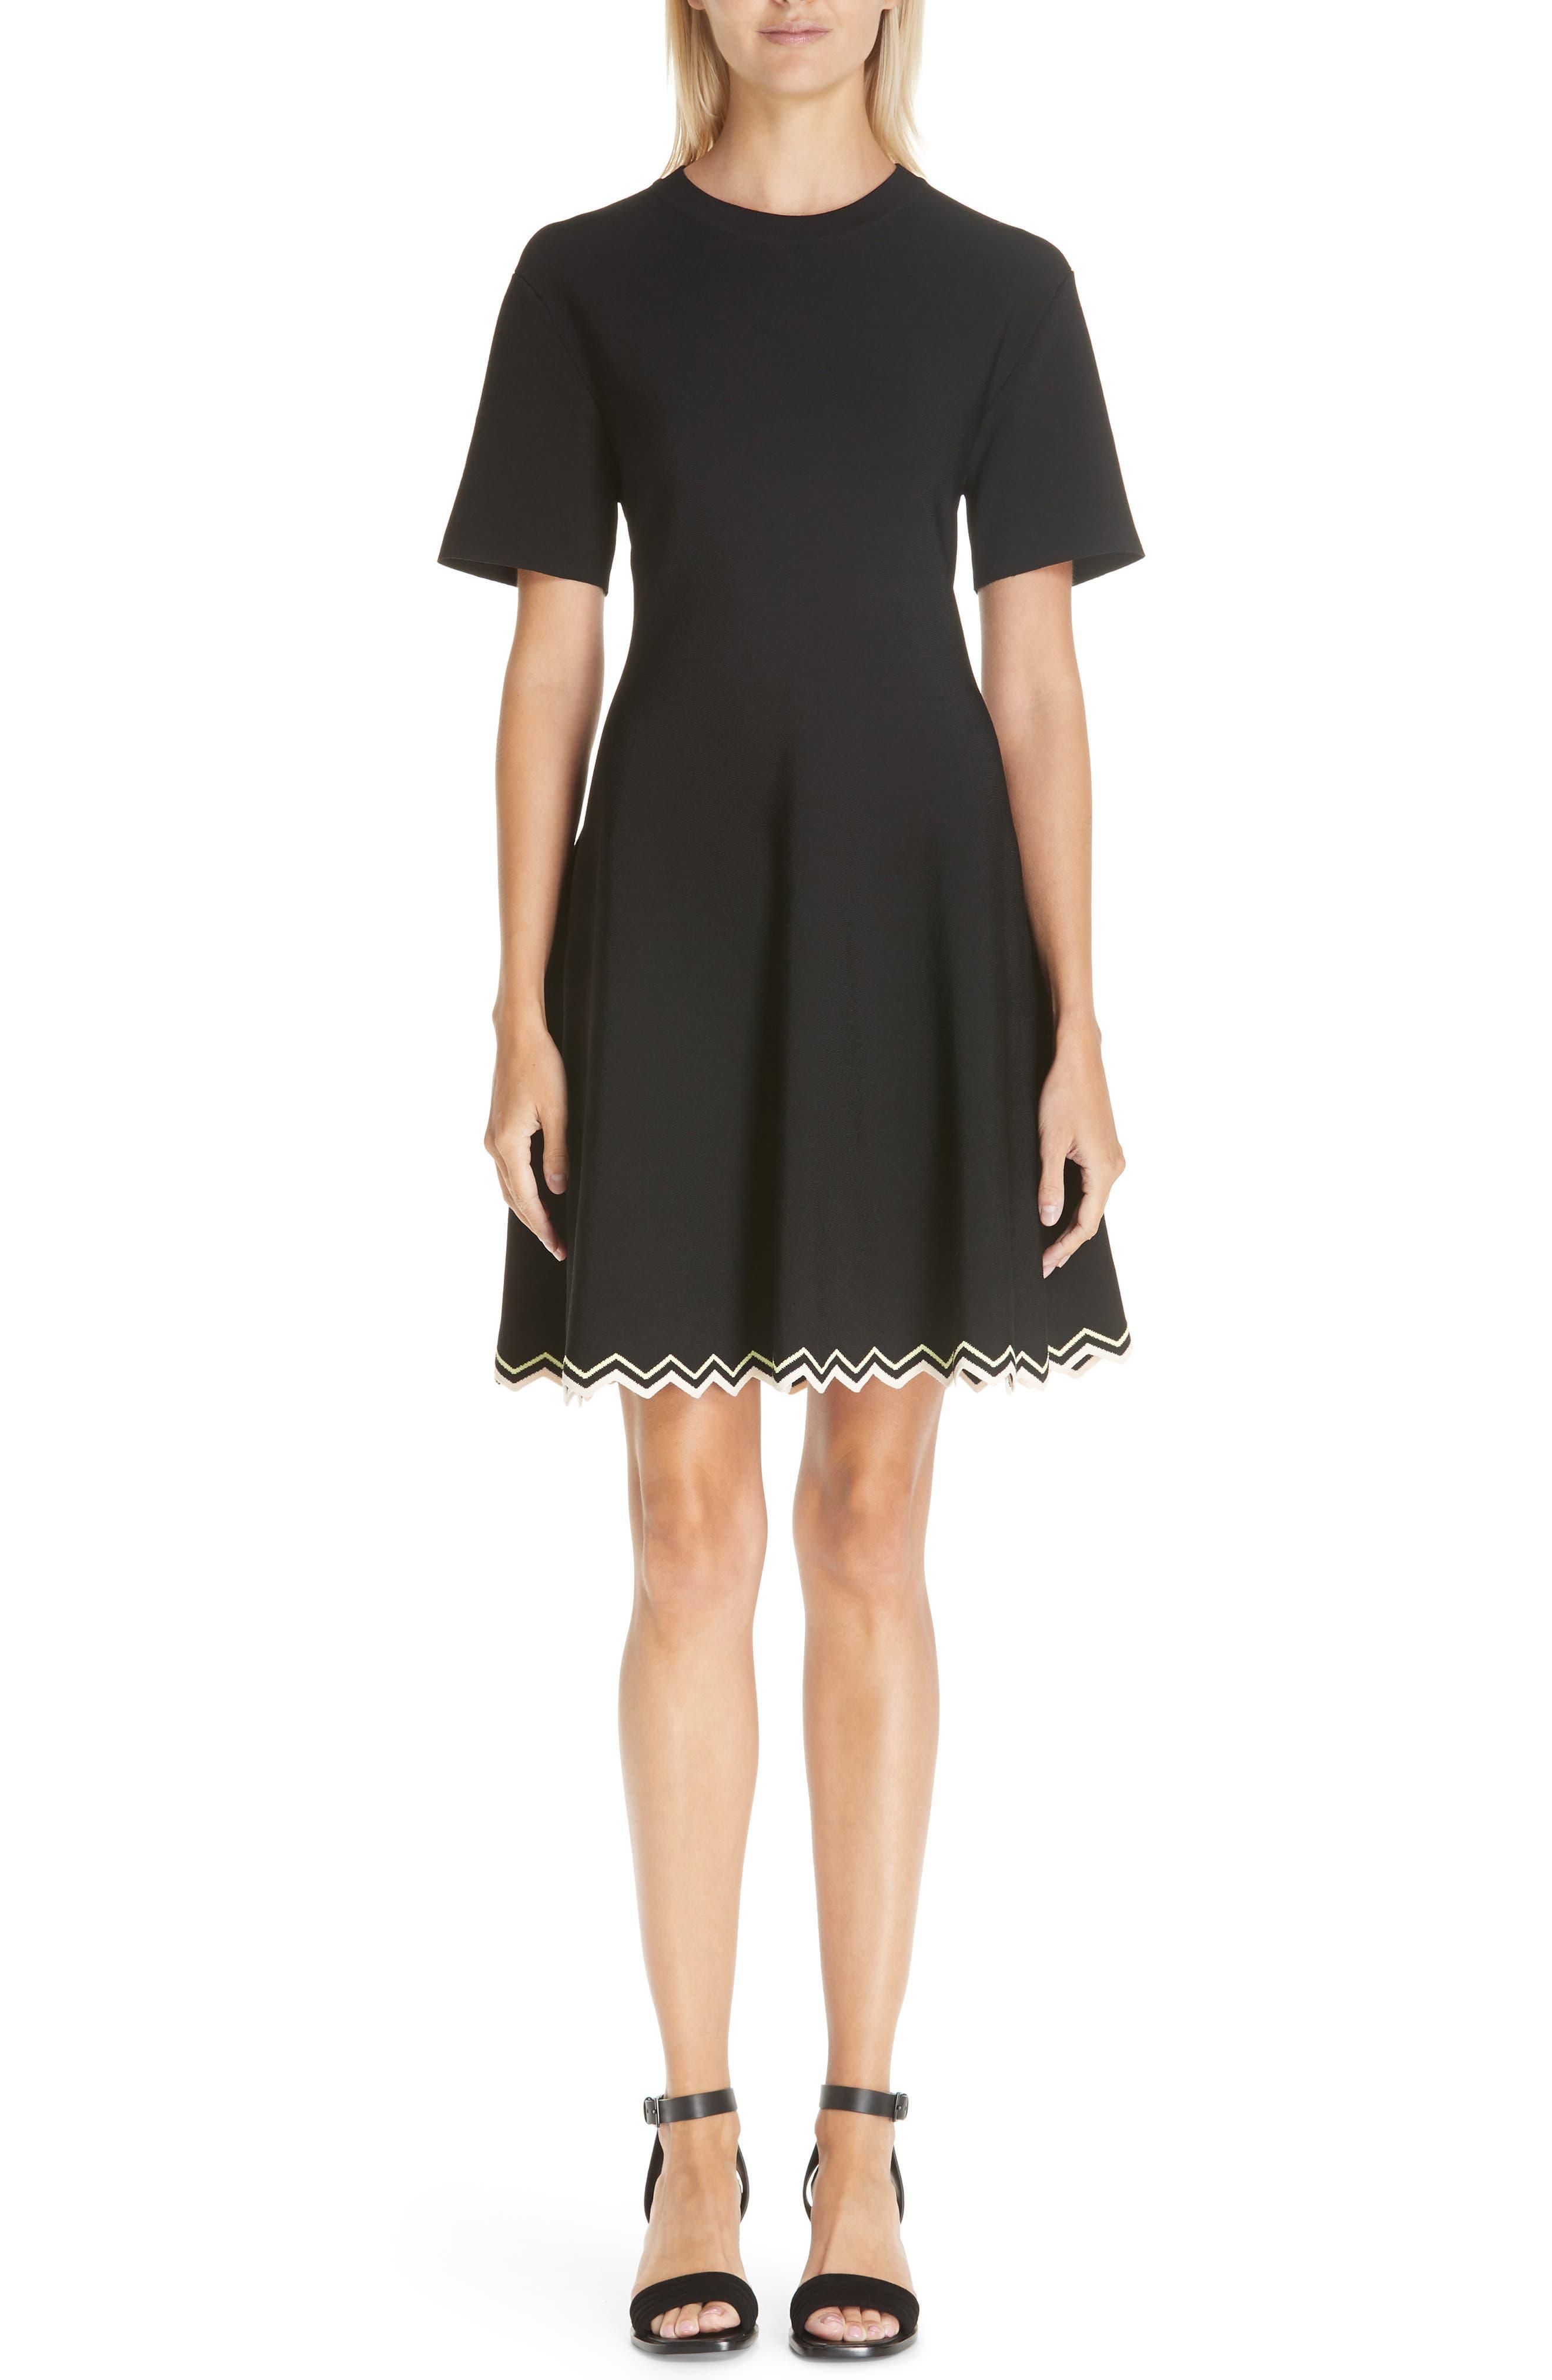 Chevron Hem A-Line Dress,                             Main thumbnail 1, color,                             10225 BLACK COMBO